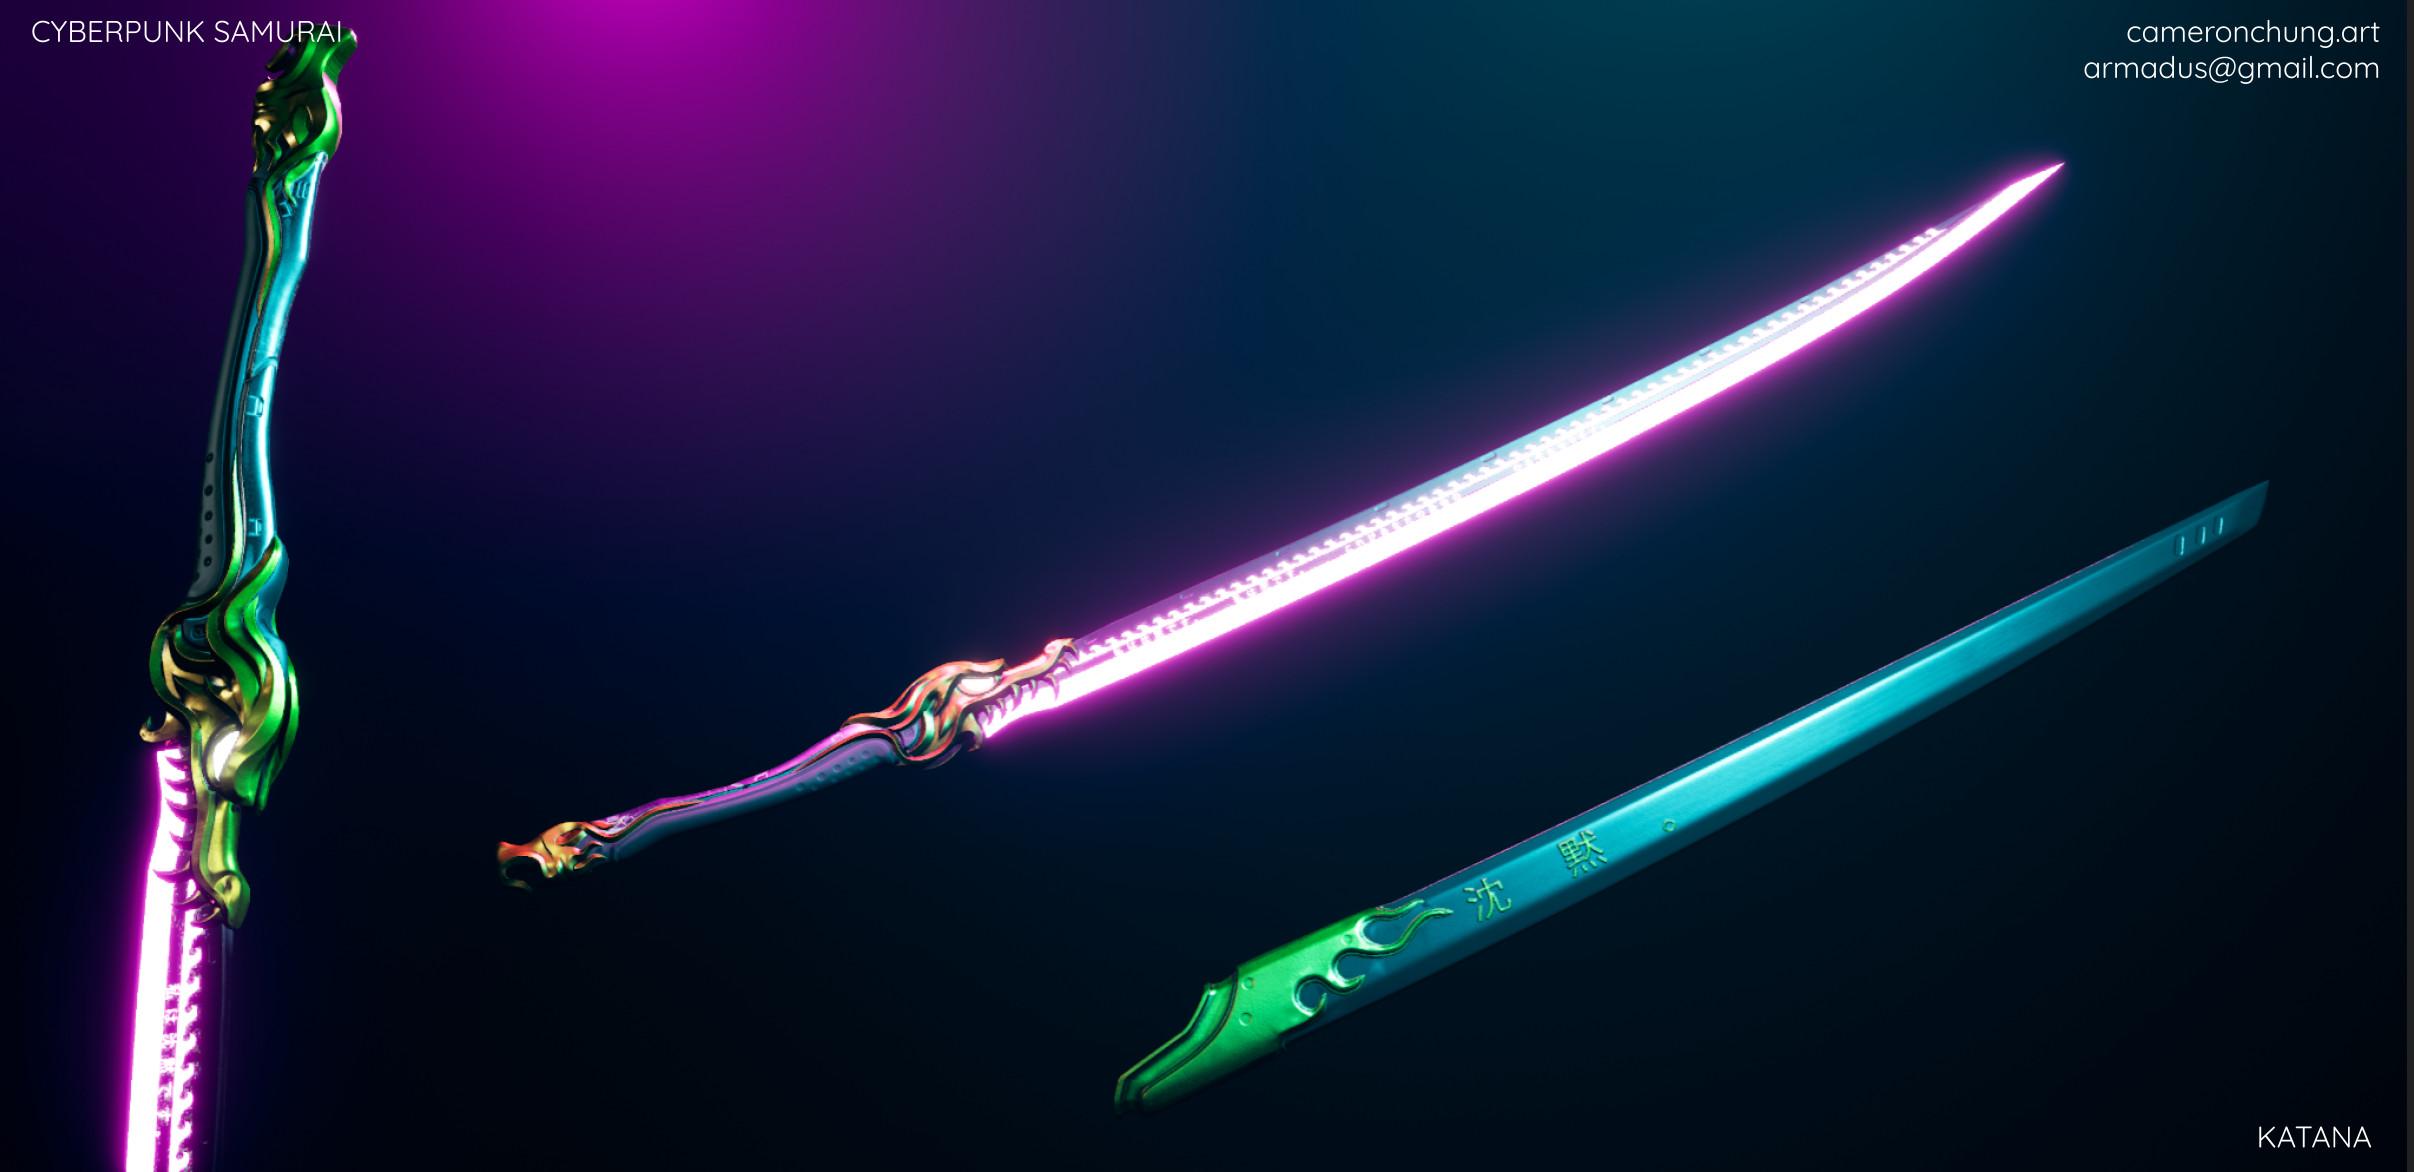 Cyberpunk Samurai - Katana Unreal Engine 4